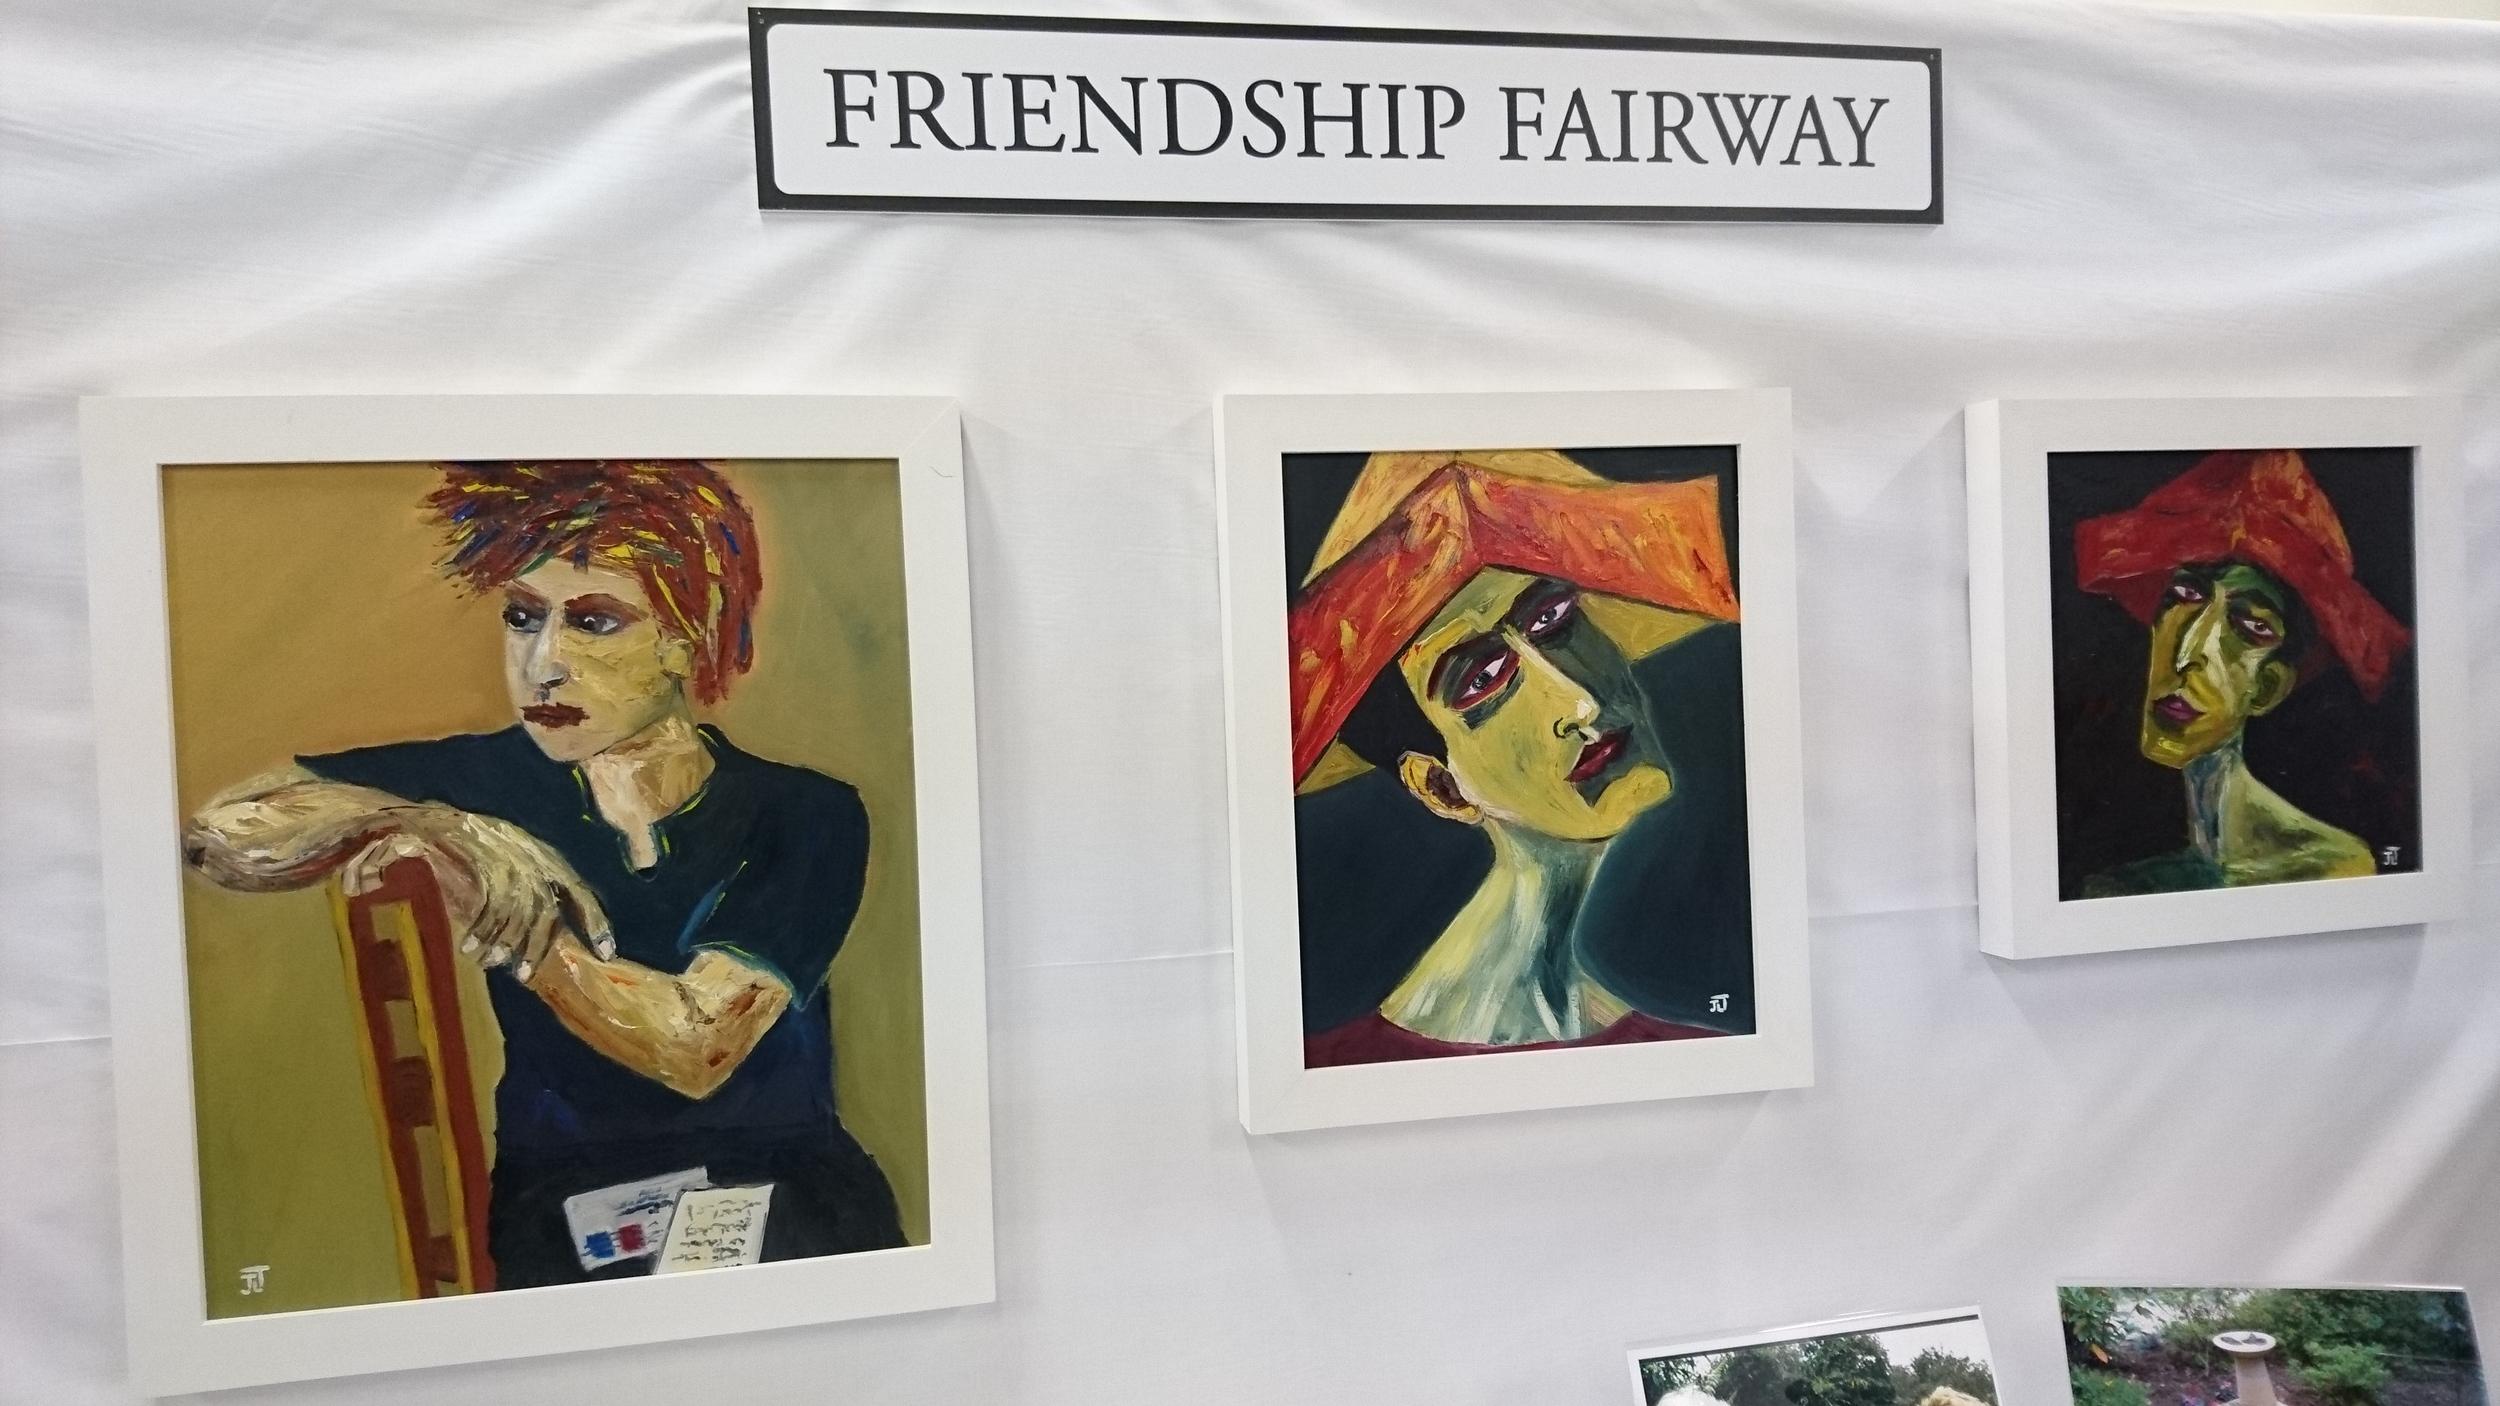 Friendship Fairway